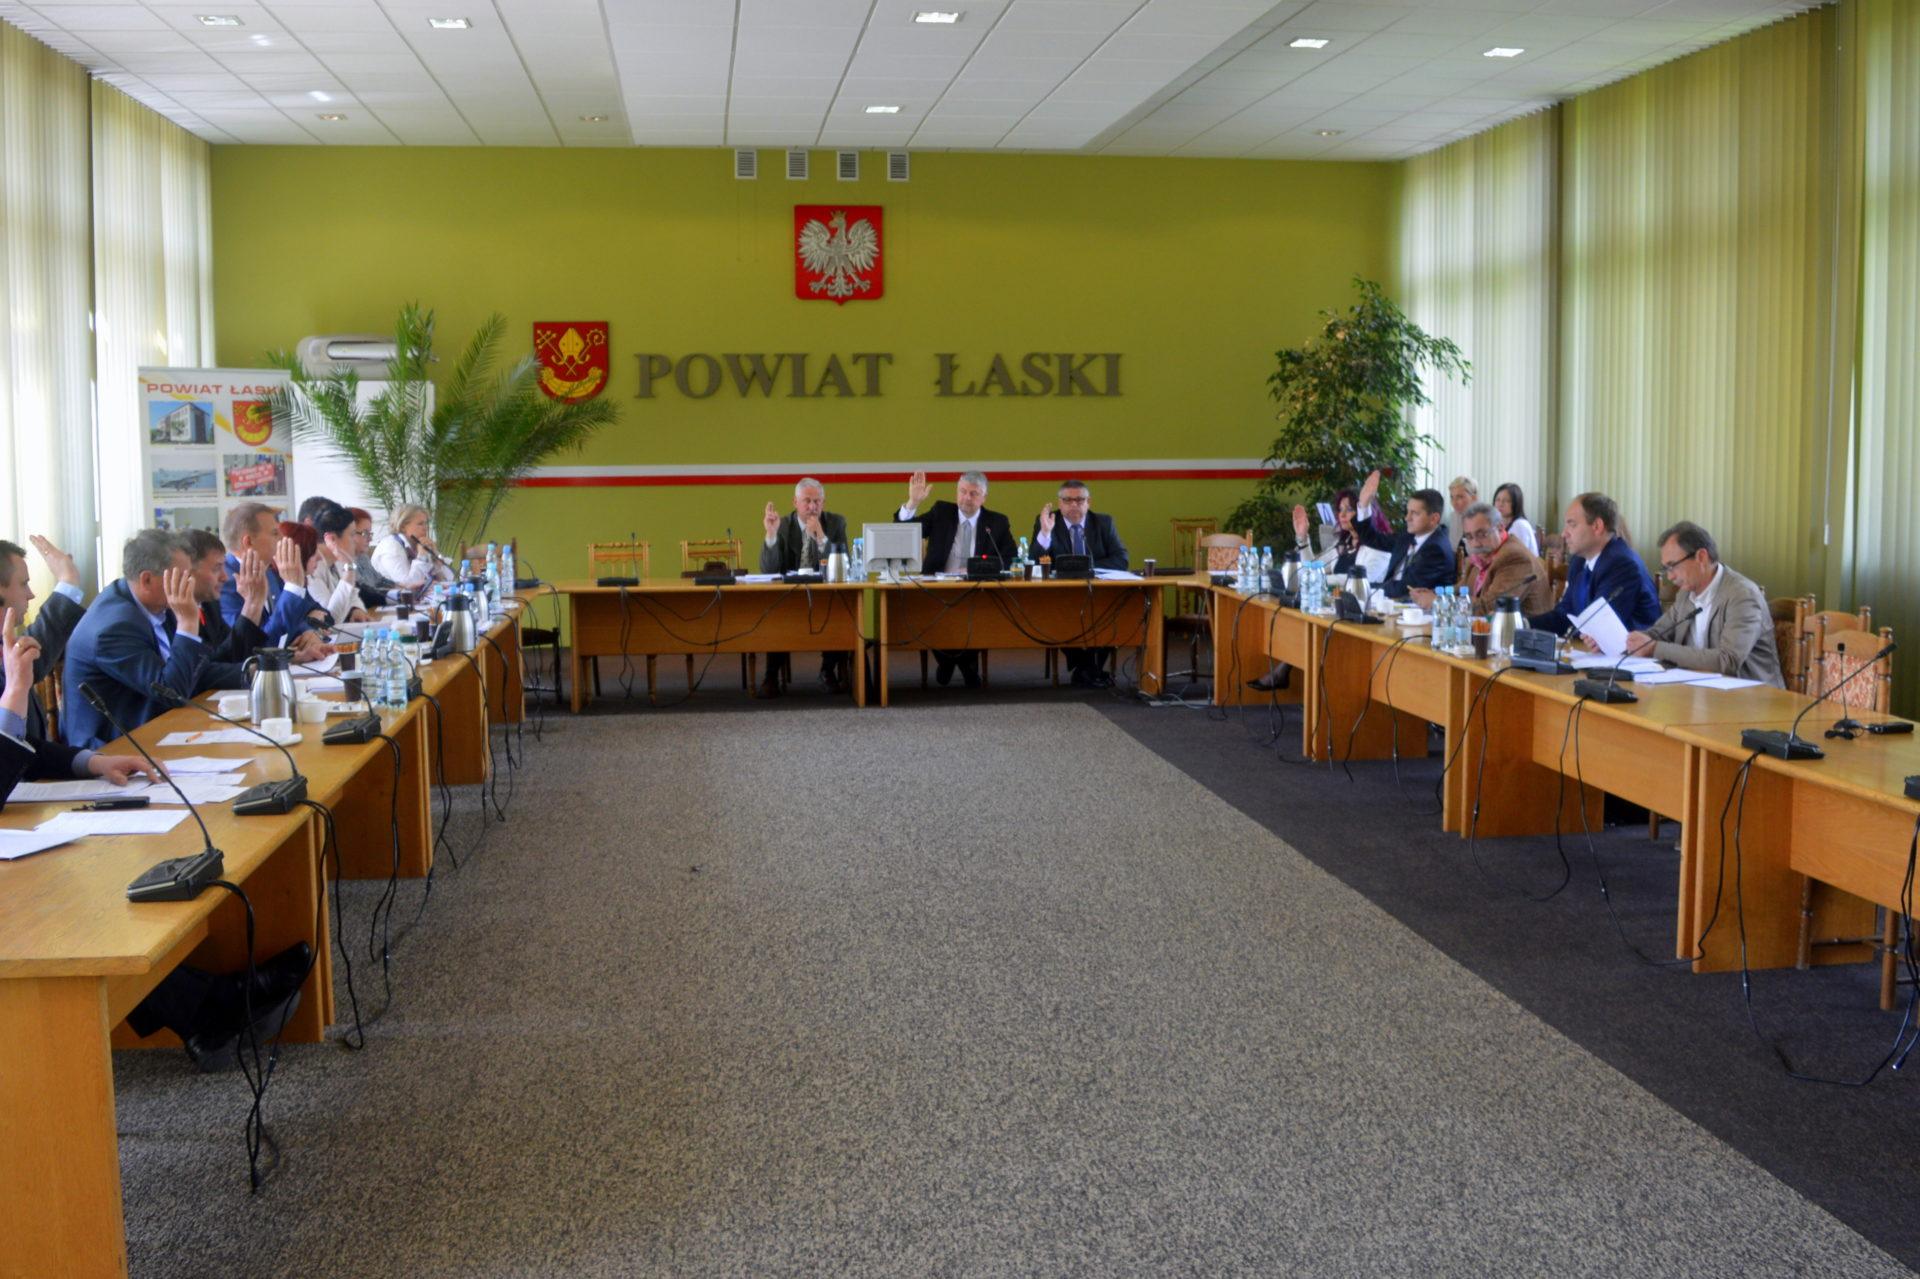 Przewodniczący Rady Powiatu Łaskiego zaprasza na XII sesję Rady Powiatu Łaskiego